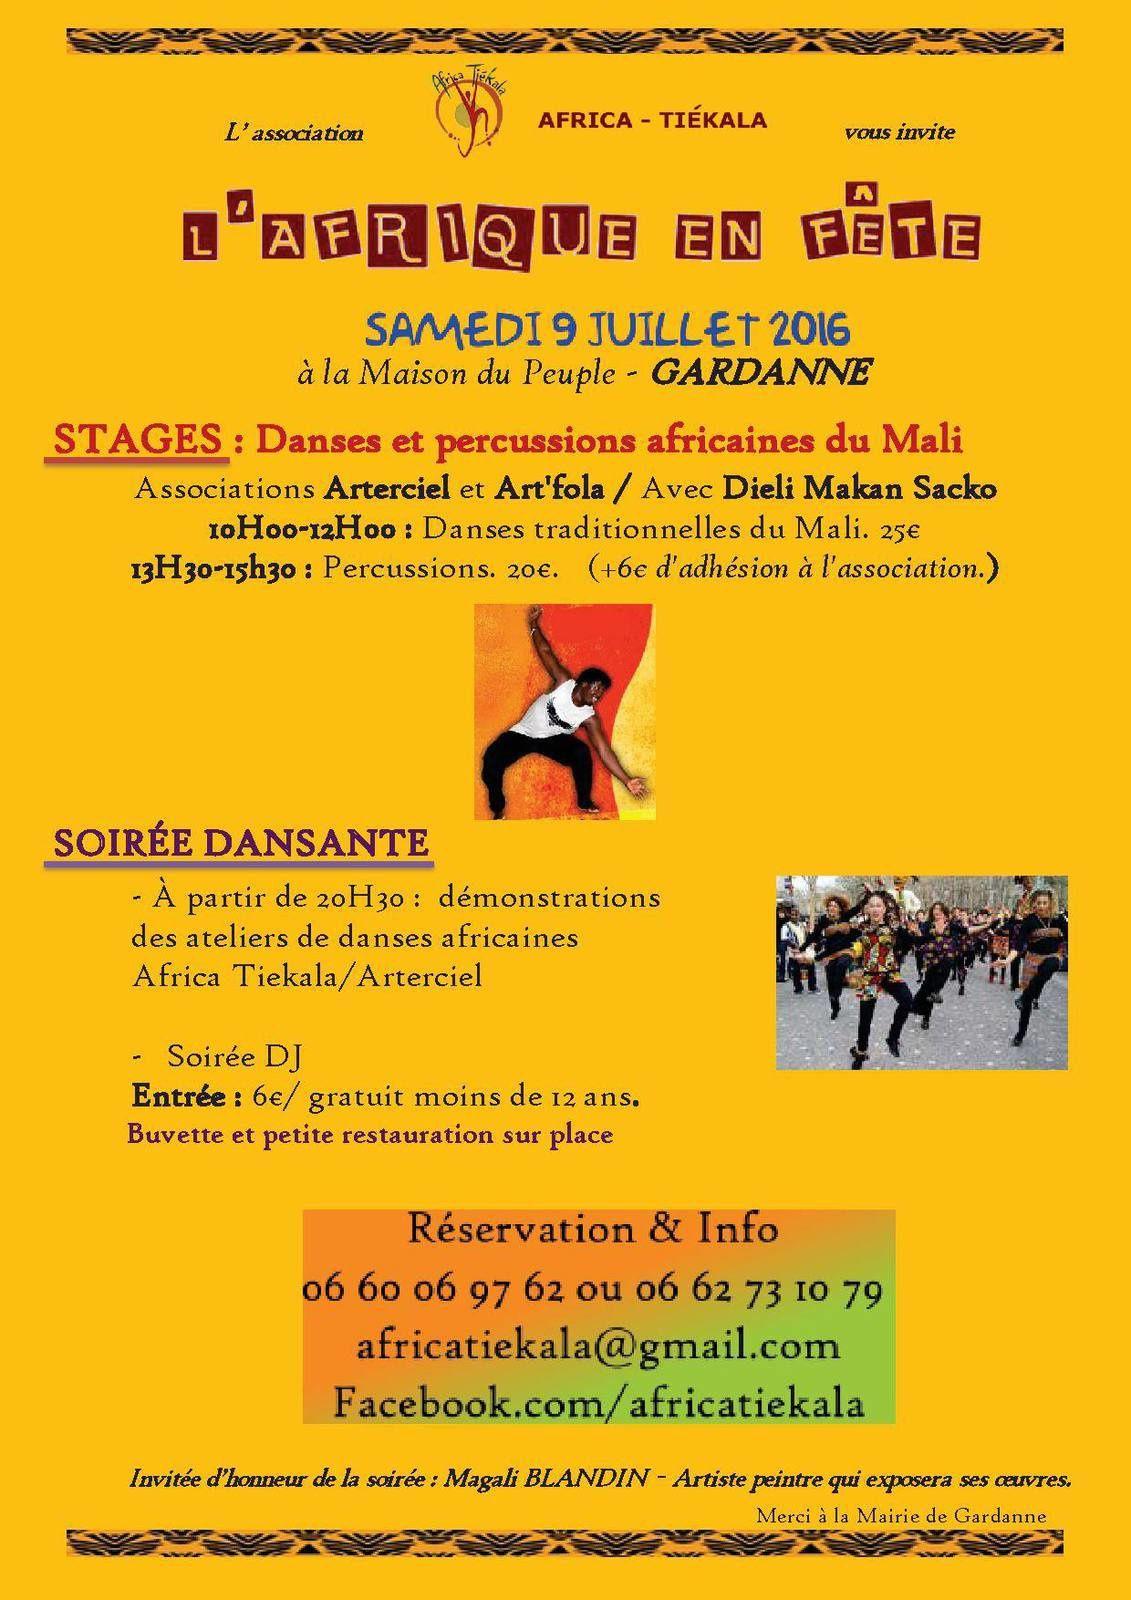 09/07/16 - L'Afrique en fête - Gardanne